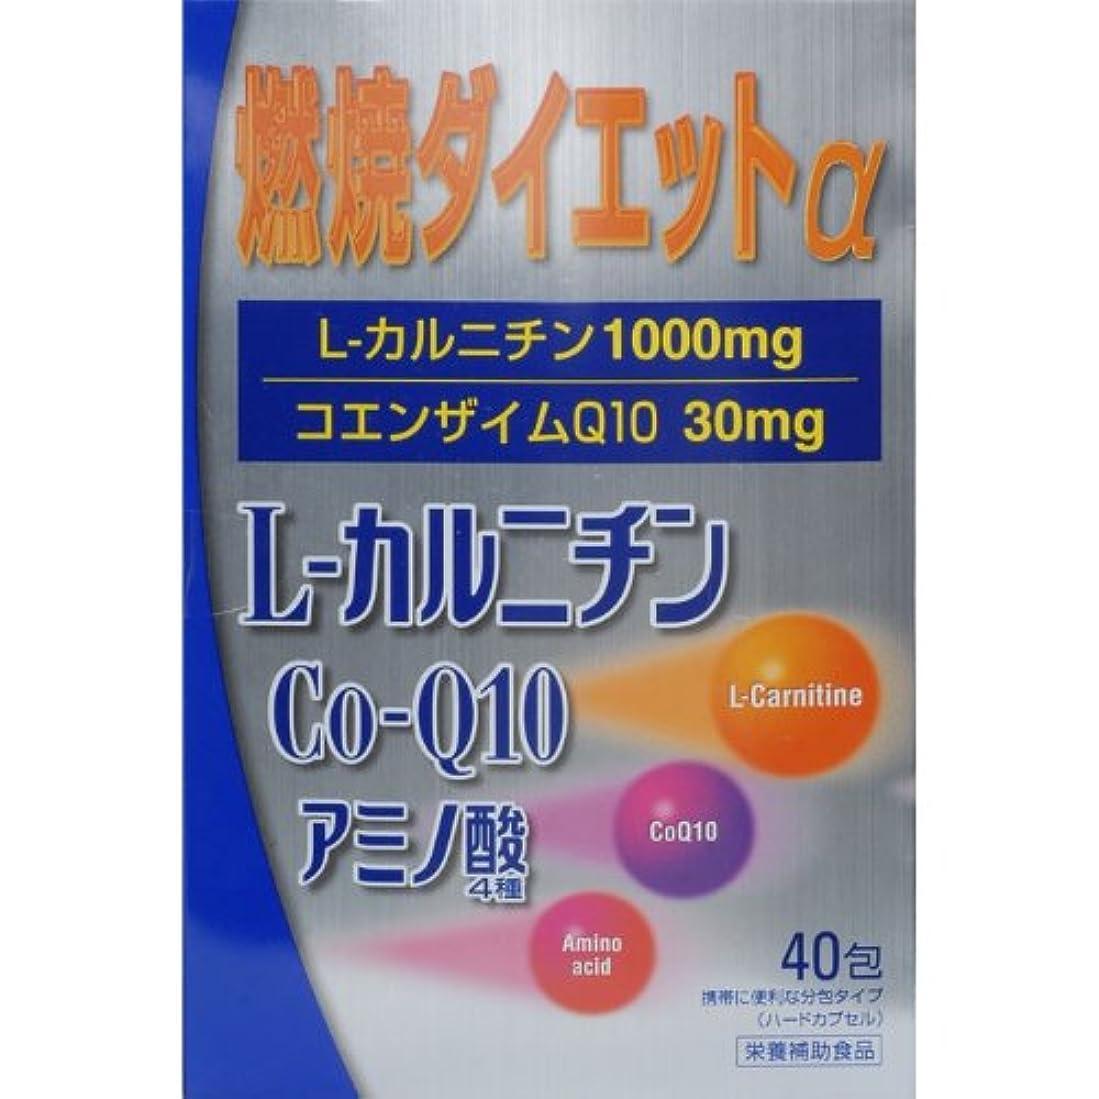 追加構想するスラダム燃焼ダイエットL‐カルニチンα 40包